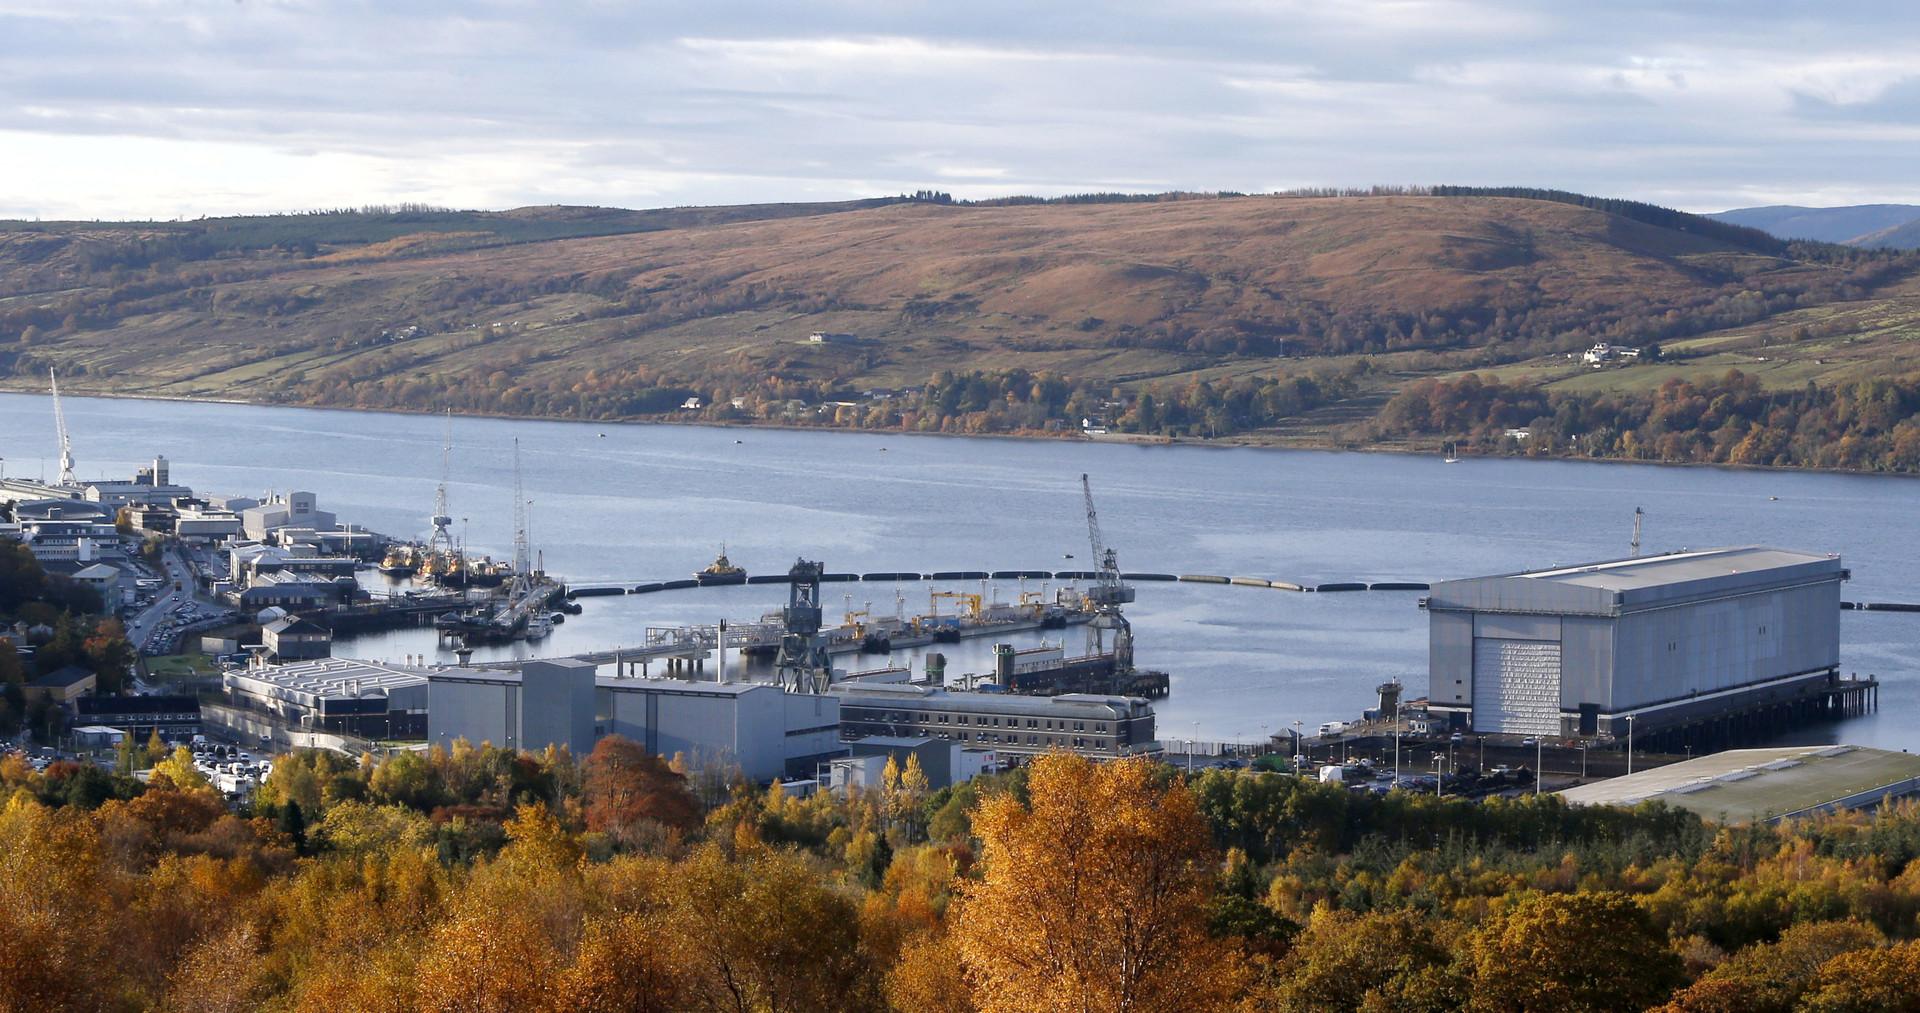 Vue générale de la base navale de Clyde, en Ecosse